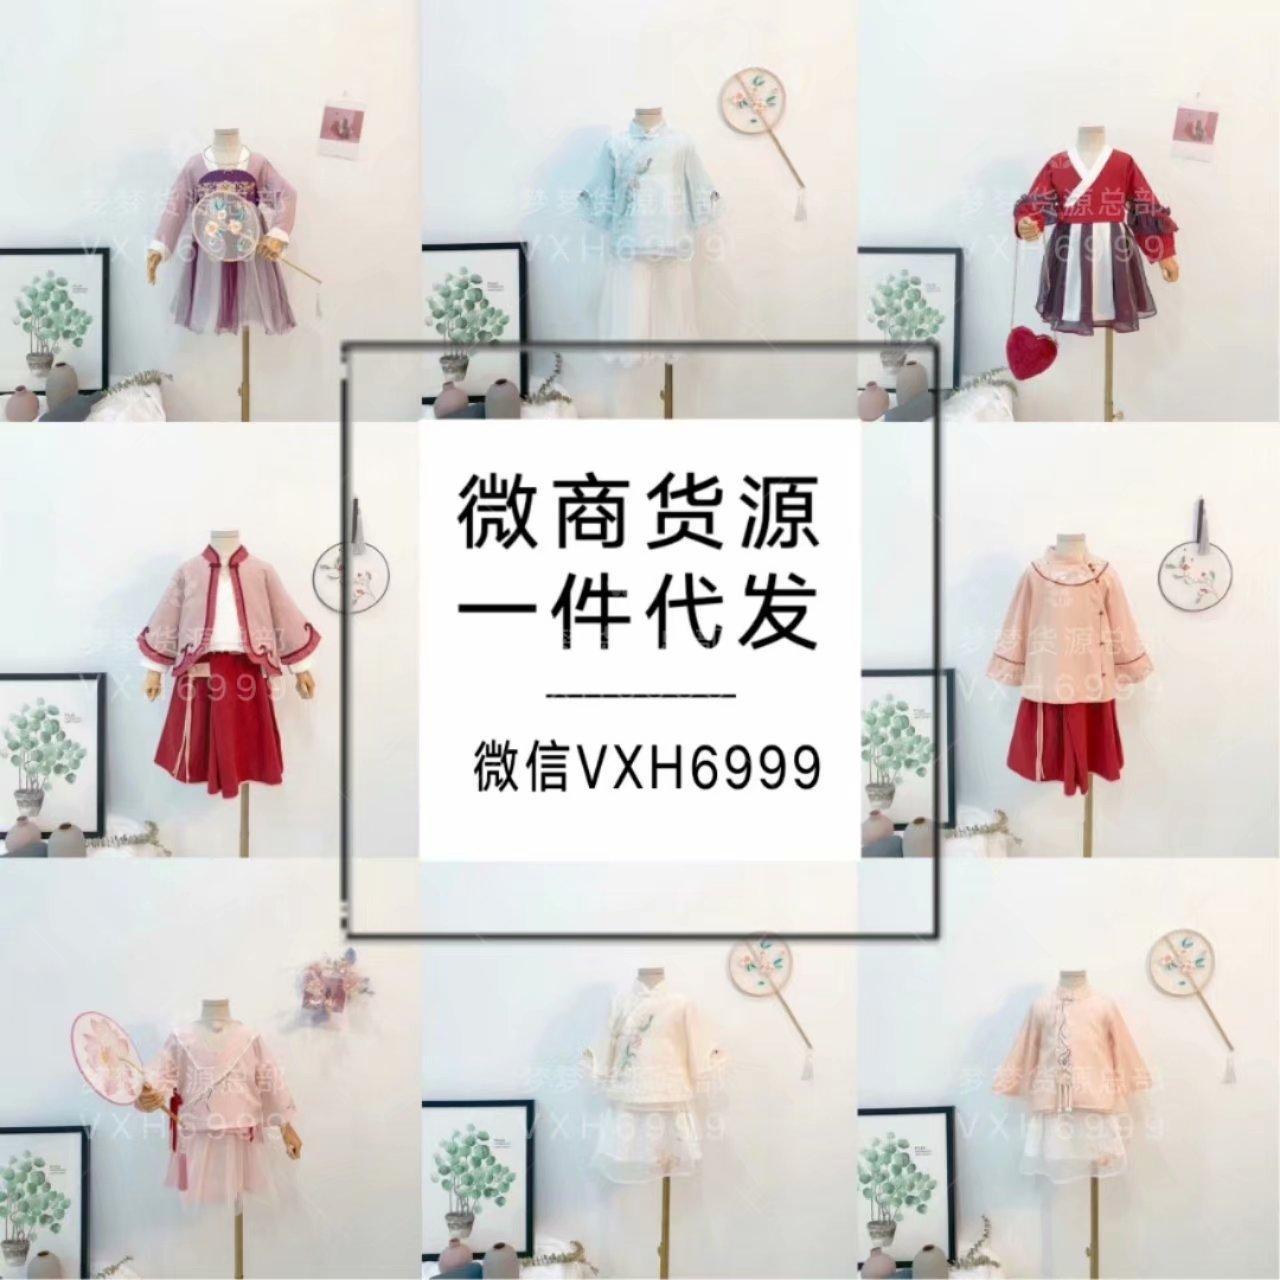 微商熱門項目 女裝童裝一手貨源,教精準引流方法